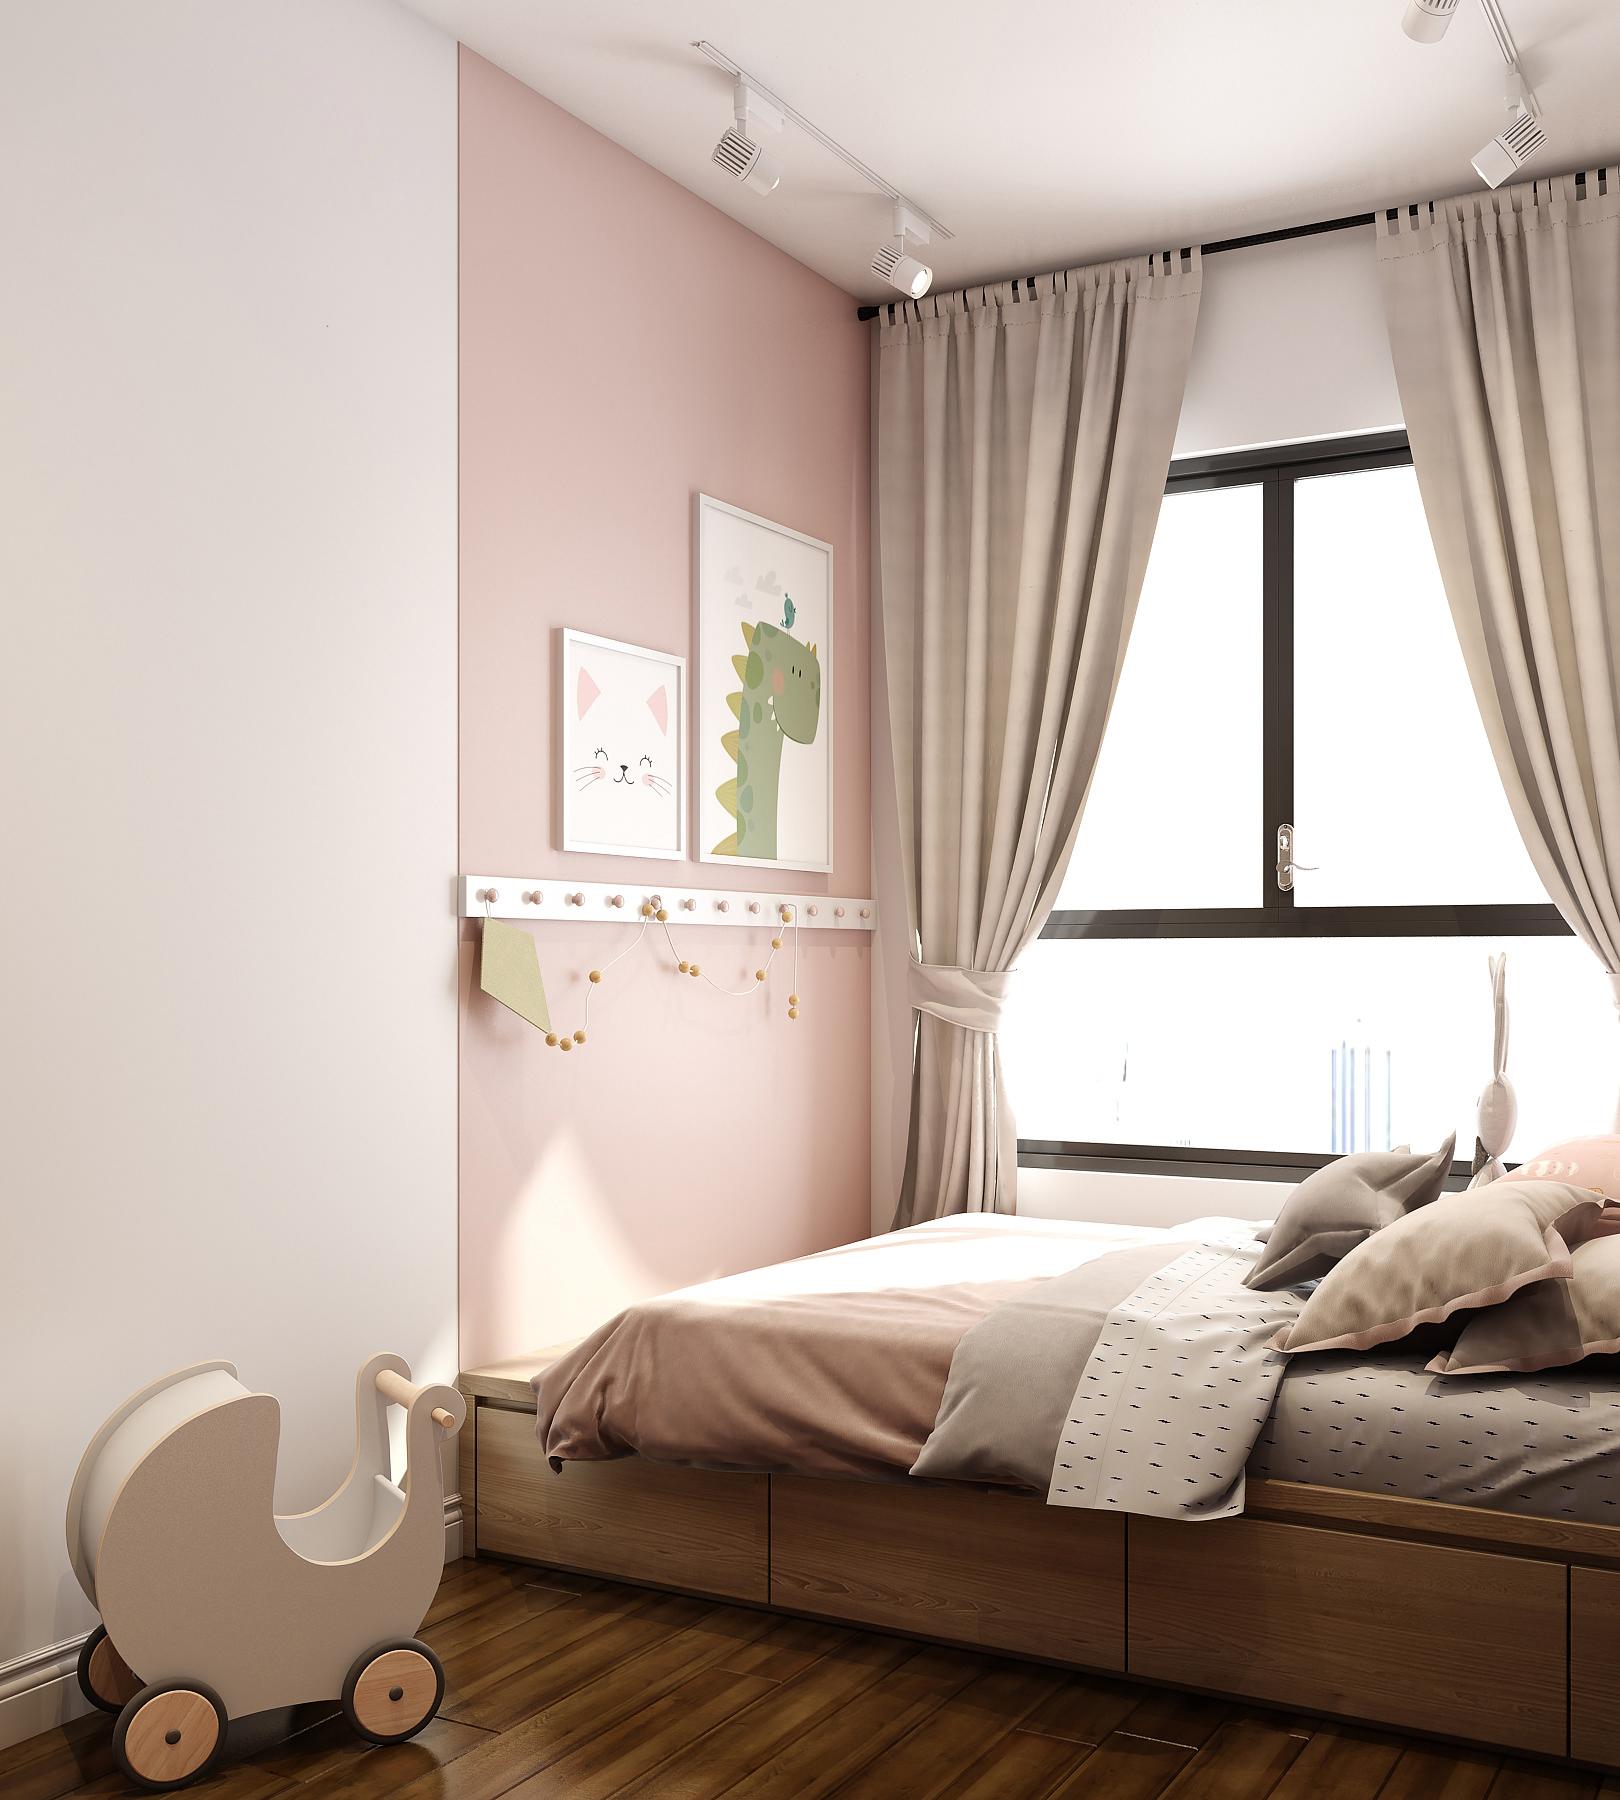 Kiến trúc sư tư vấn thiết kế căn hộ 76m² 2 phòng ngủ với chi phí tiết kiệm chỉ 189 triệu - Ảnh 10.